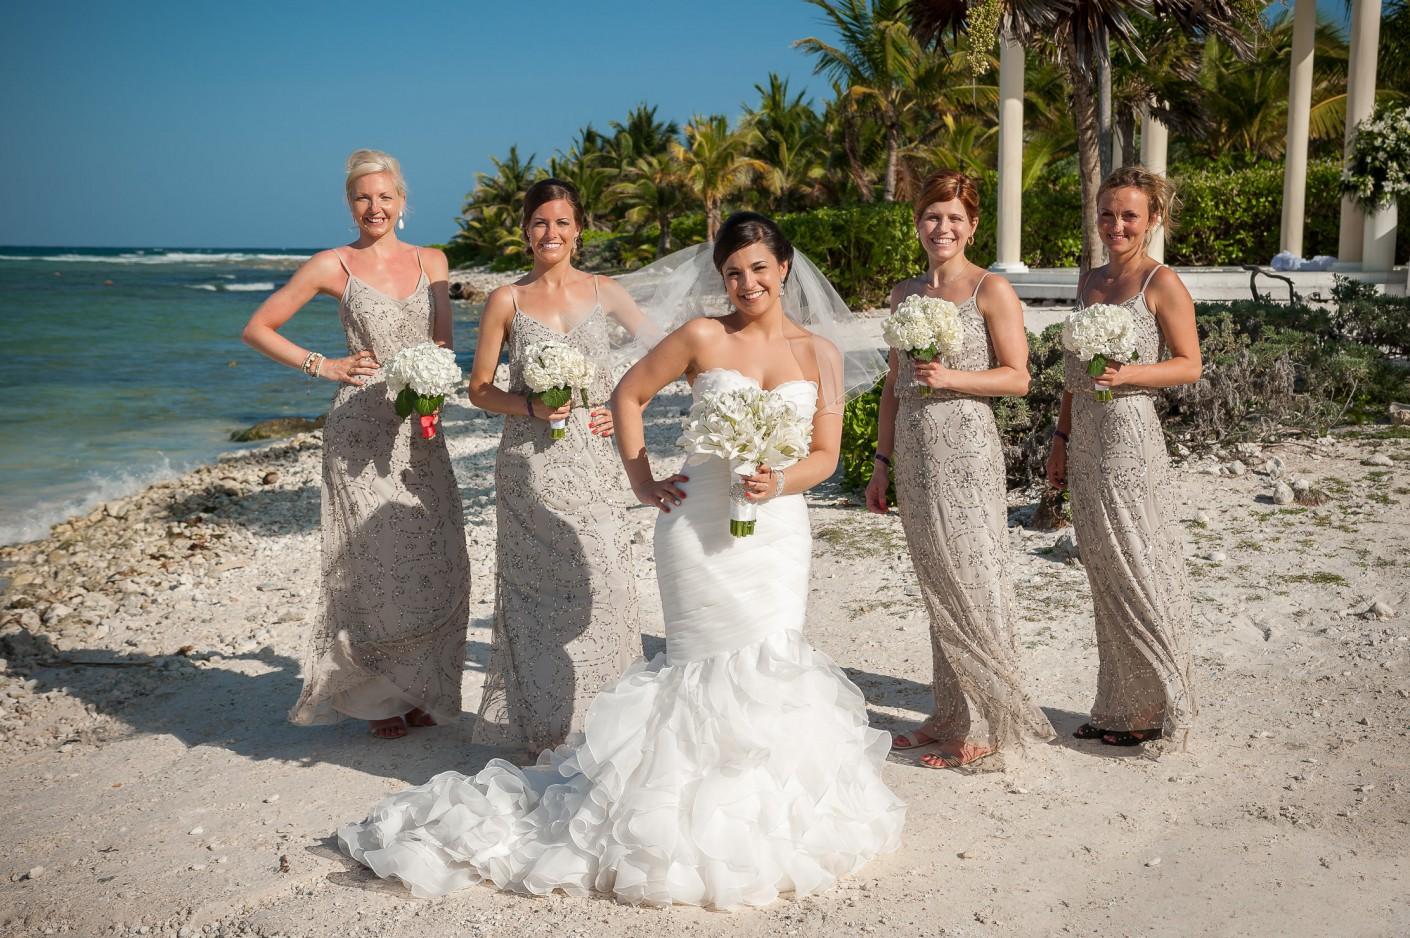 Mariage Destination : Les déesses de la plage -, KW: Mexique